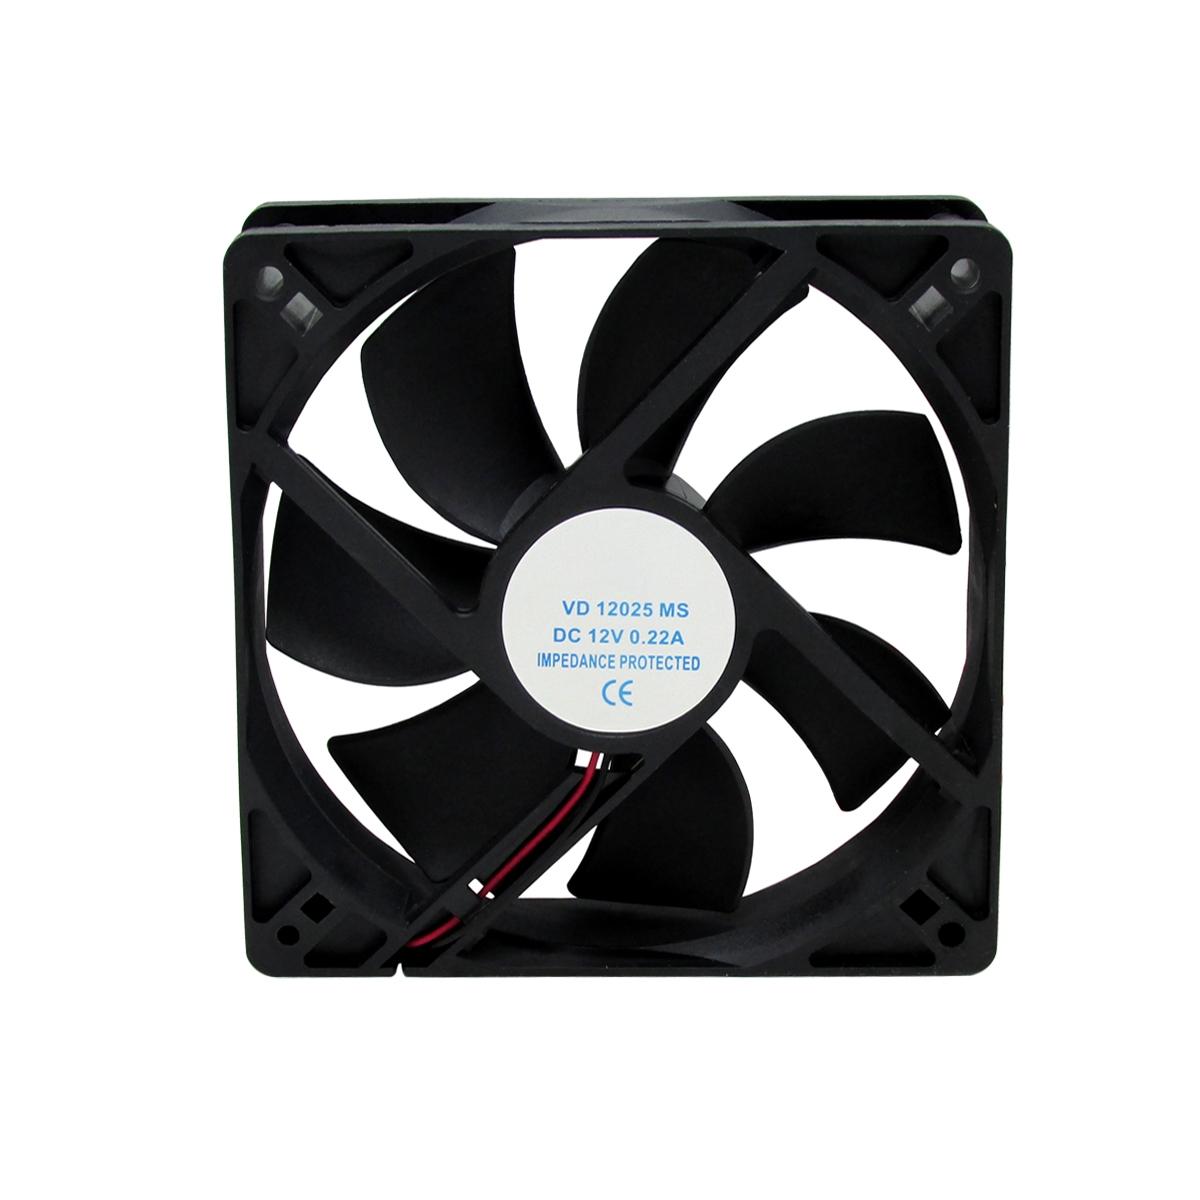 6pcs Ventilador Cooler Ventoinha Fan 120x120x25mm 12v